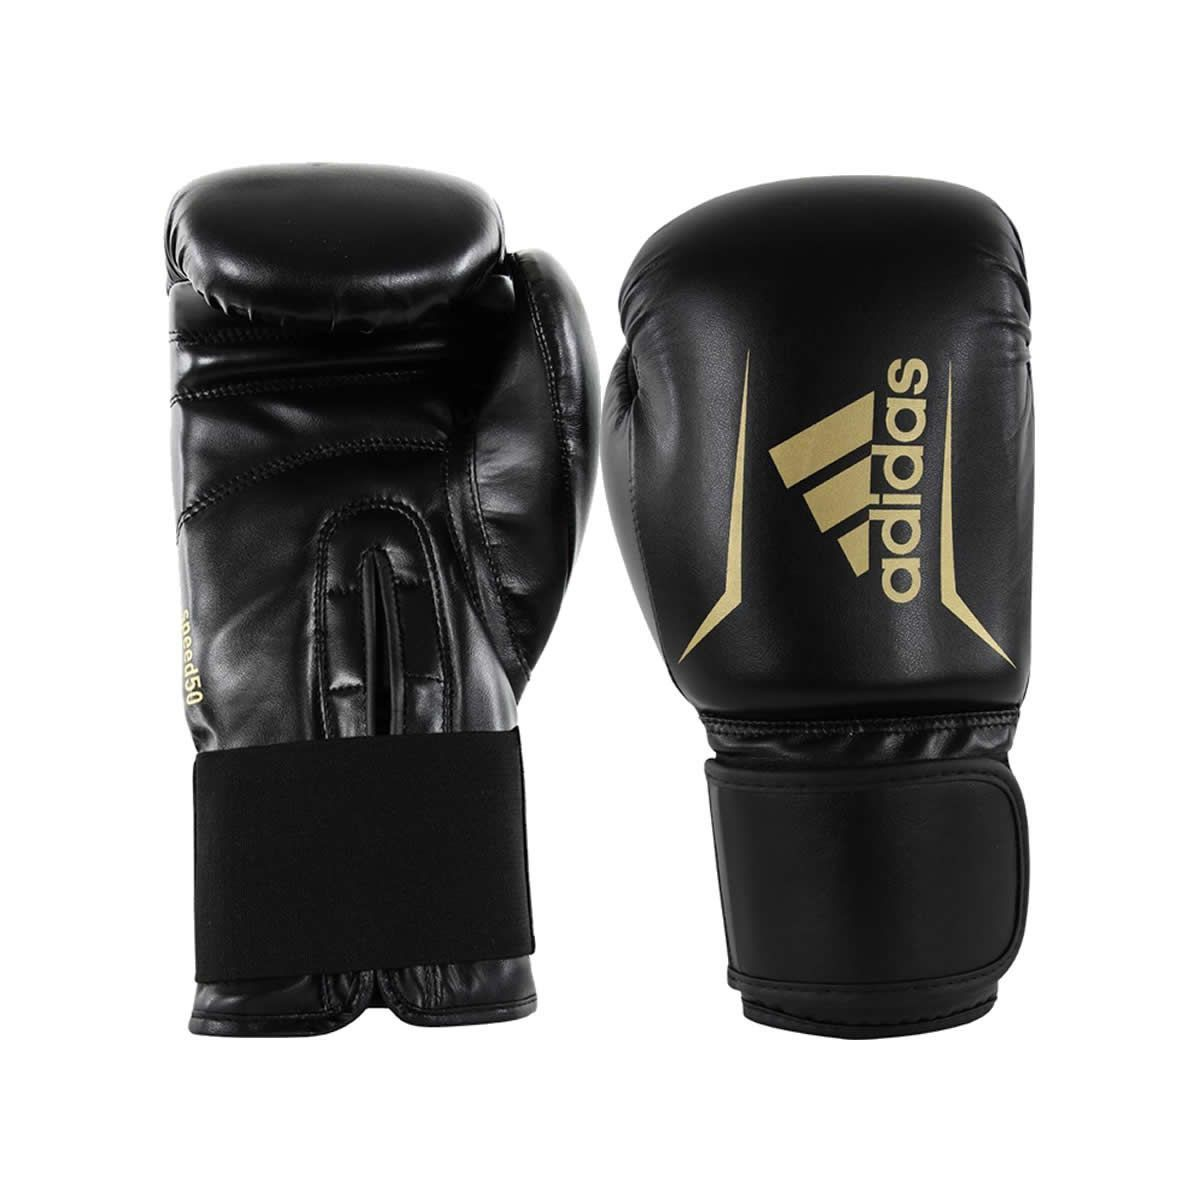 Luva de Boxe Speed 50 Preto c/ Dourado - Adidas